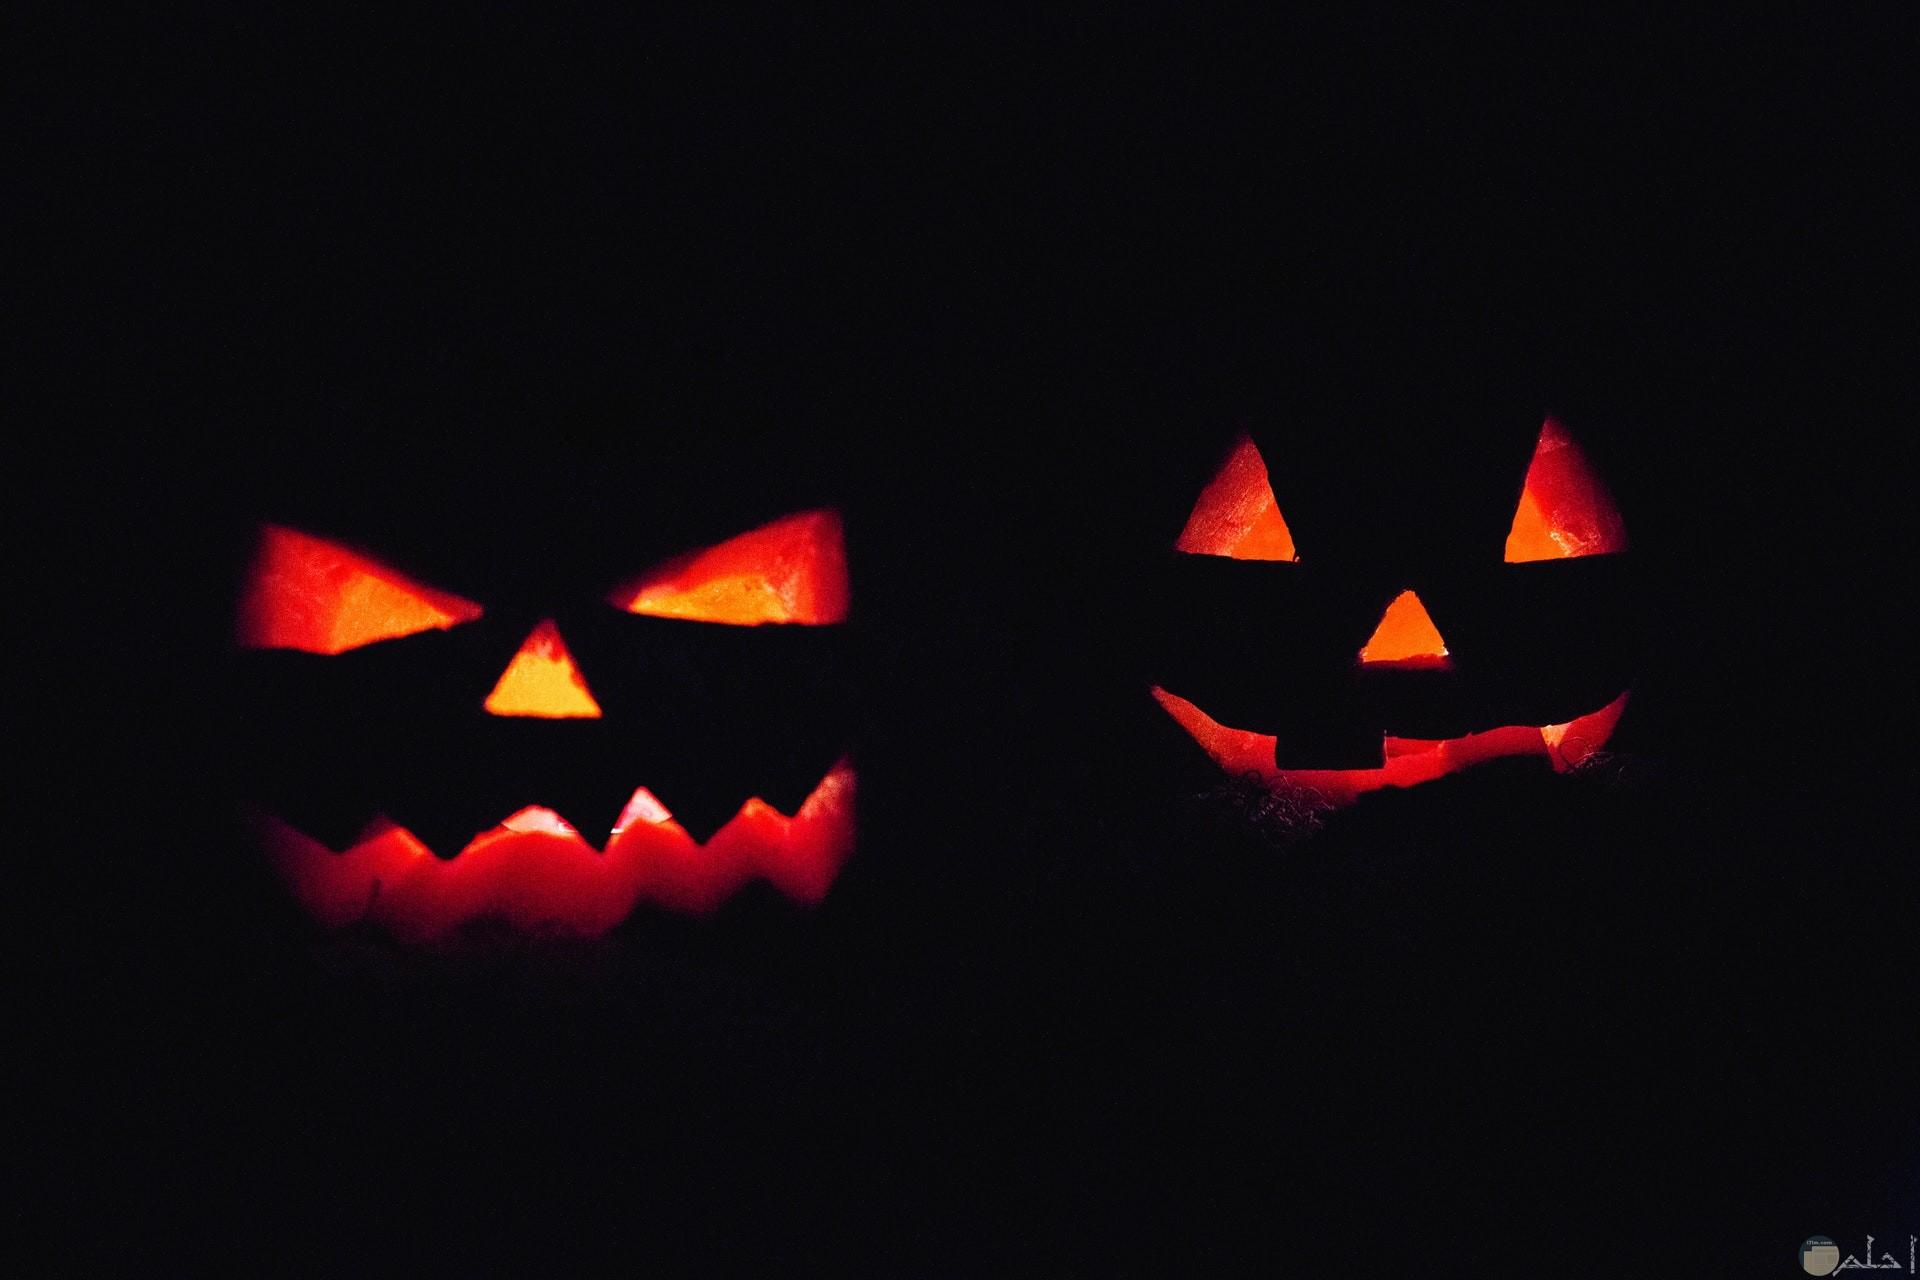 صورة مخيفة لوجوه مضيئة في الظلام مرعبة جدا